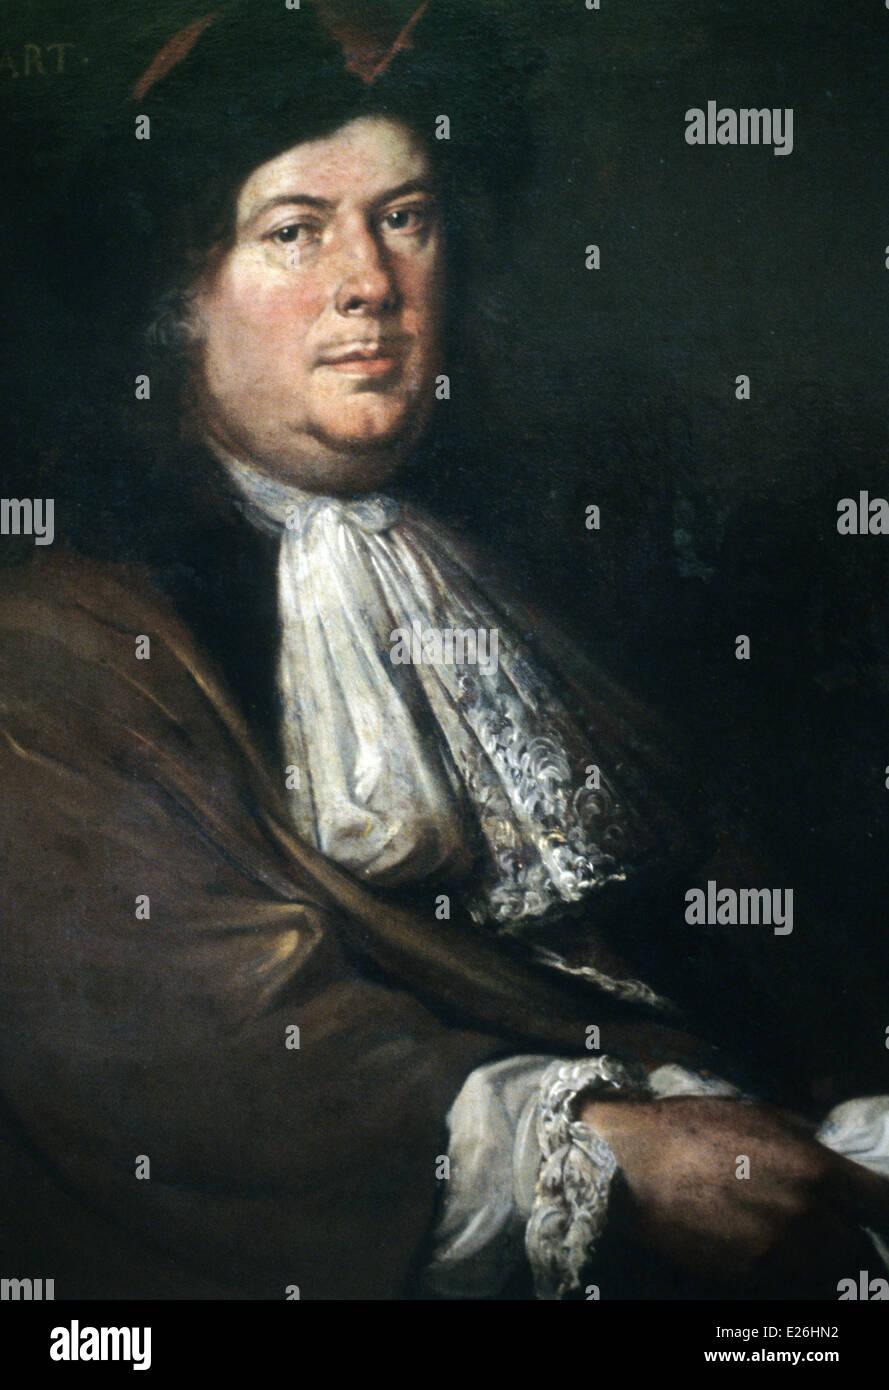 jean bart portrait of mathieu elias,1658-1741,Musée de la Marine,Paris - Stock Image